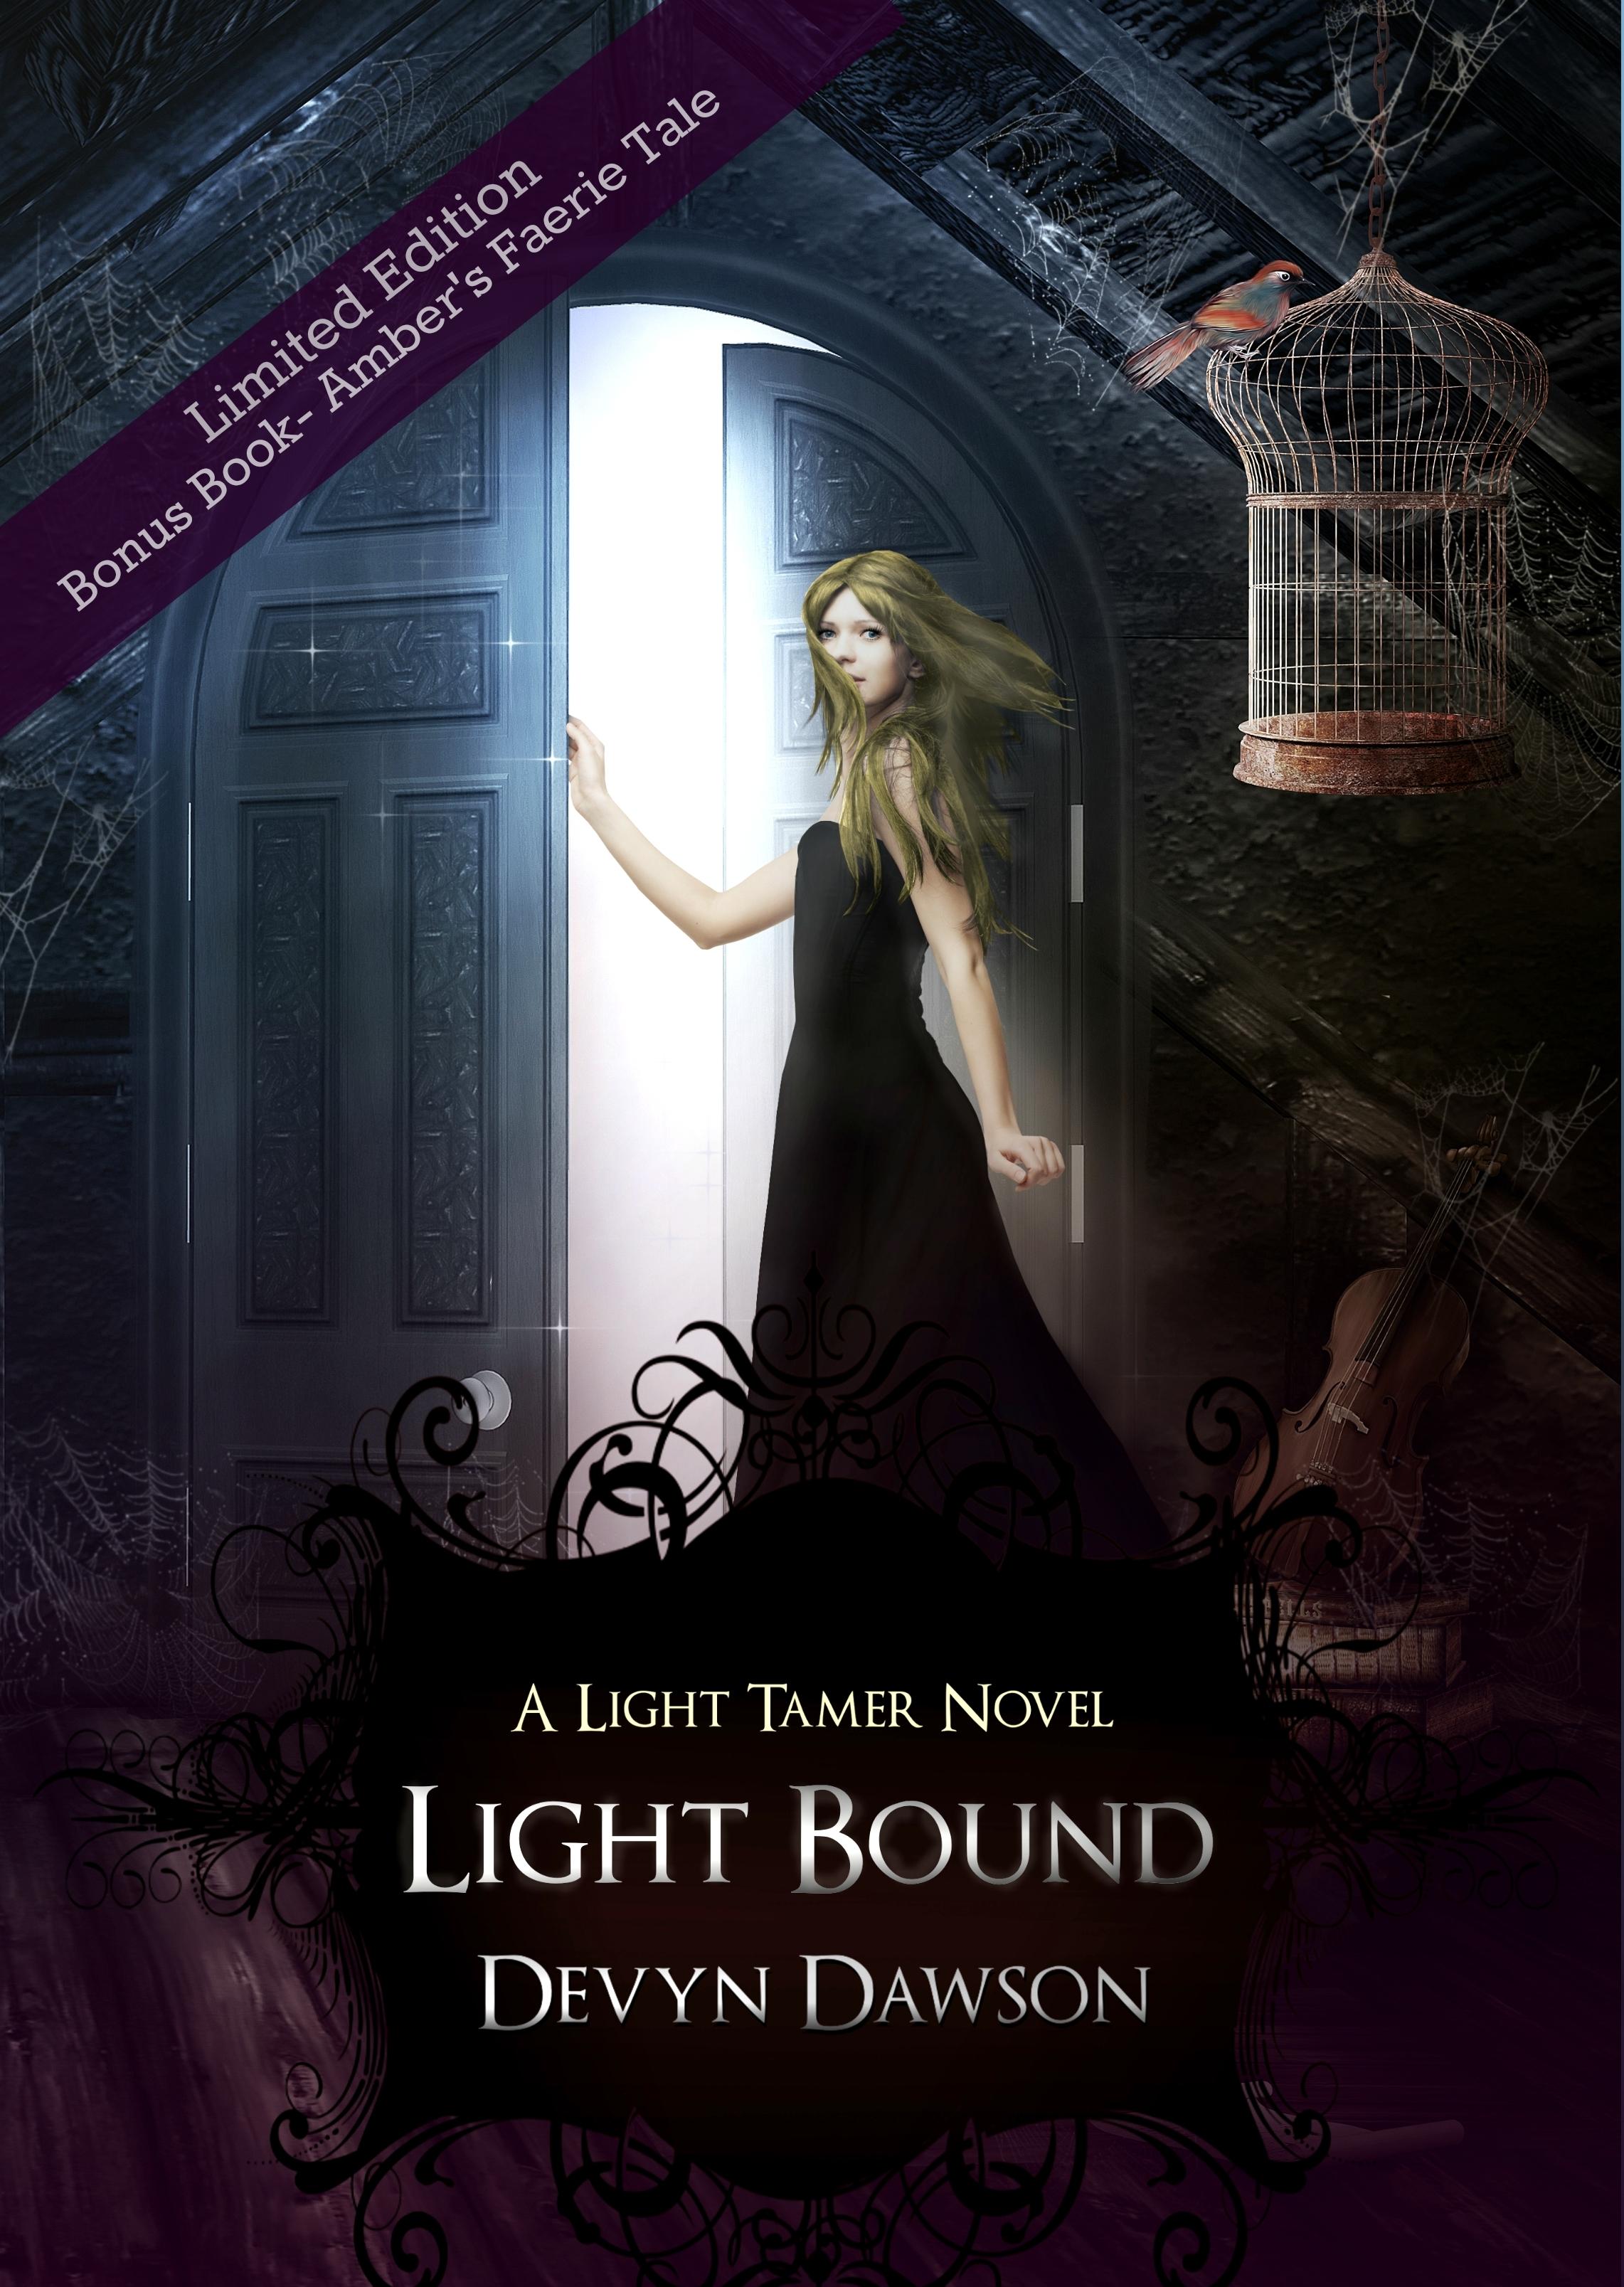 Light Bound Devyn Dawson